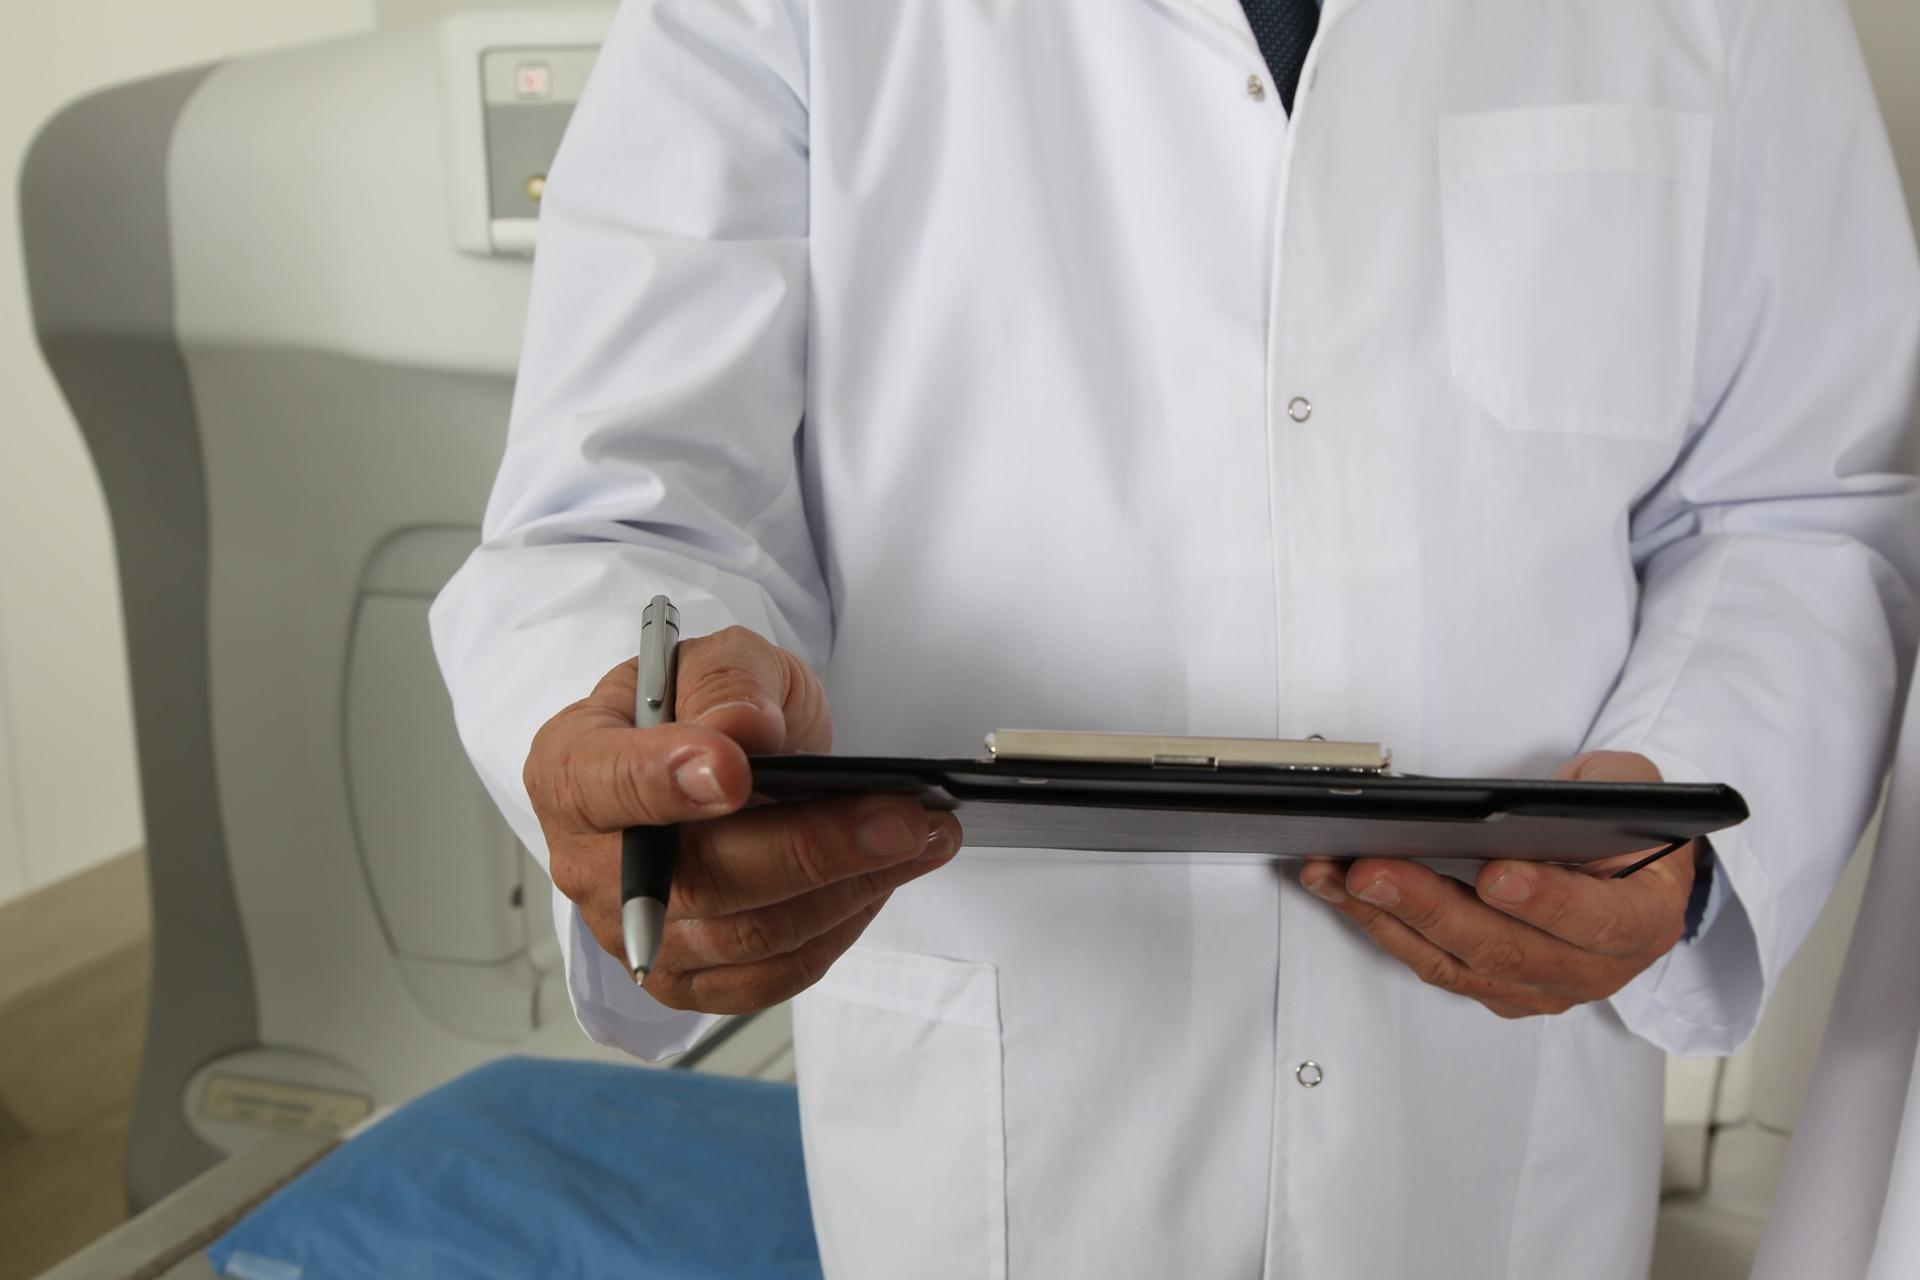 Rok po hospitalizacji z powodu COVID-19 co trzeci pacjent nadal ma zmiany w płucach